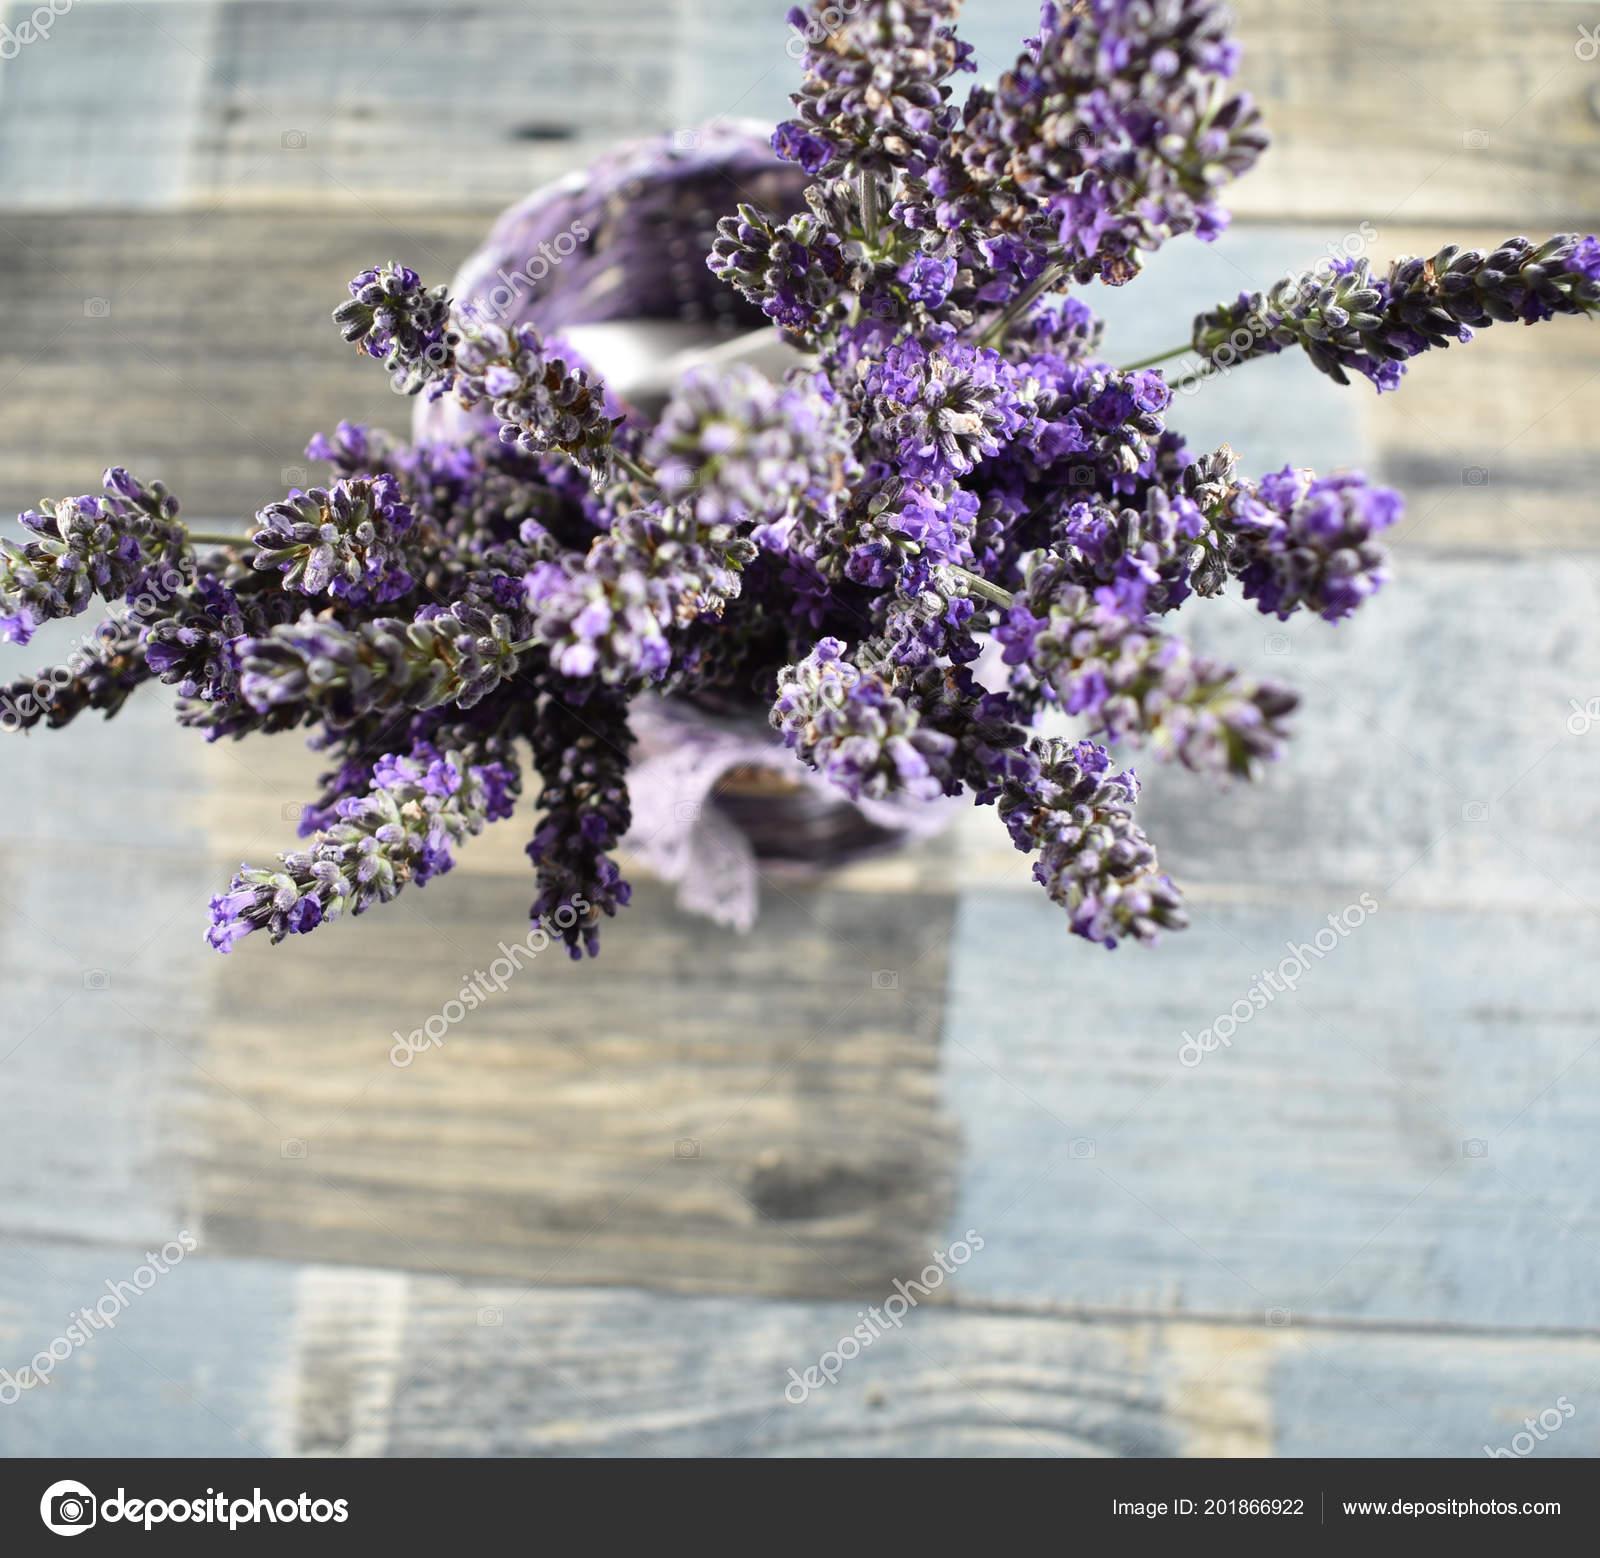 22d9f396b0b Λεβάντα Ένα Απόθεμα Εικόνες Φόντο Ξύλινη Μάτσο Γαλλικά Λεβάντα Χαλαρωτικό —  Φωτογραφία Αρχείου